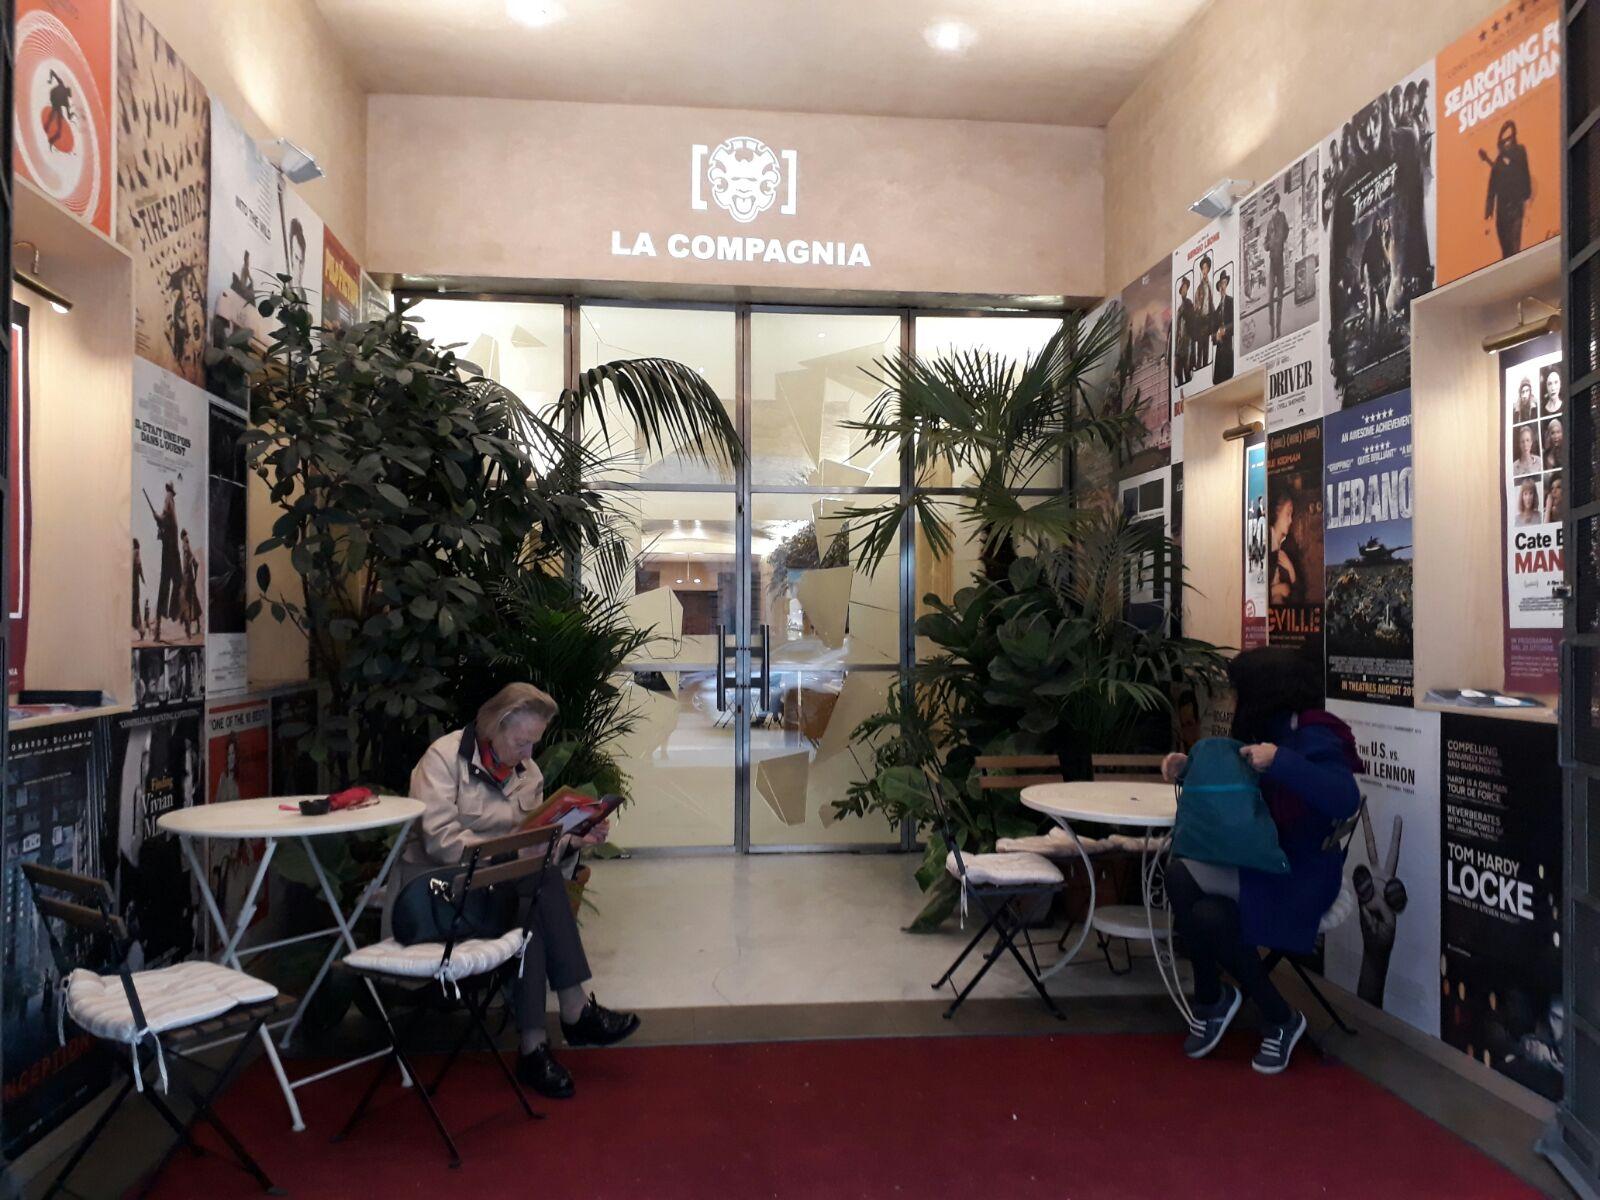 מומלץ לבלות כאן: קולנוע La compagnia  (צילום: אילאיל קופלר) (צילום: אילאיל קופלר)